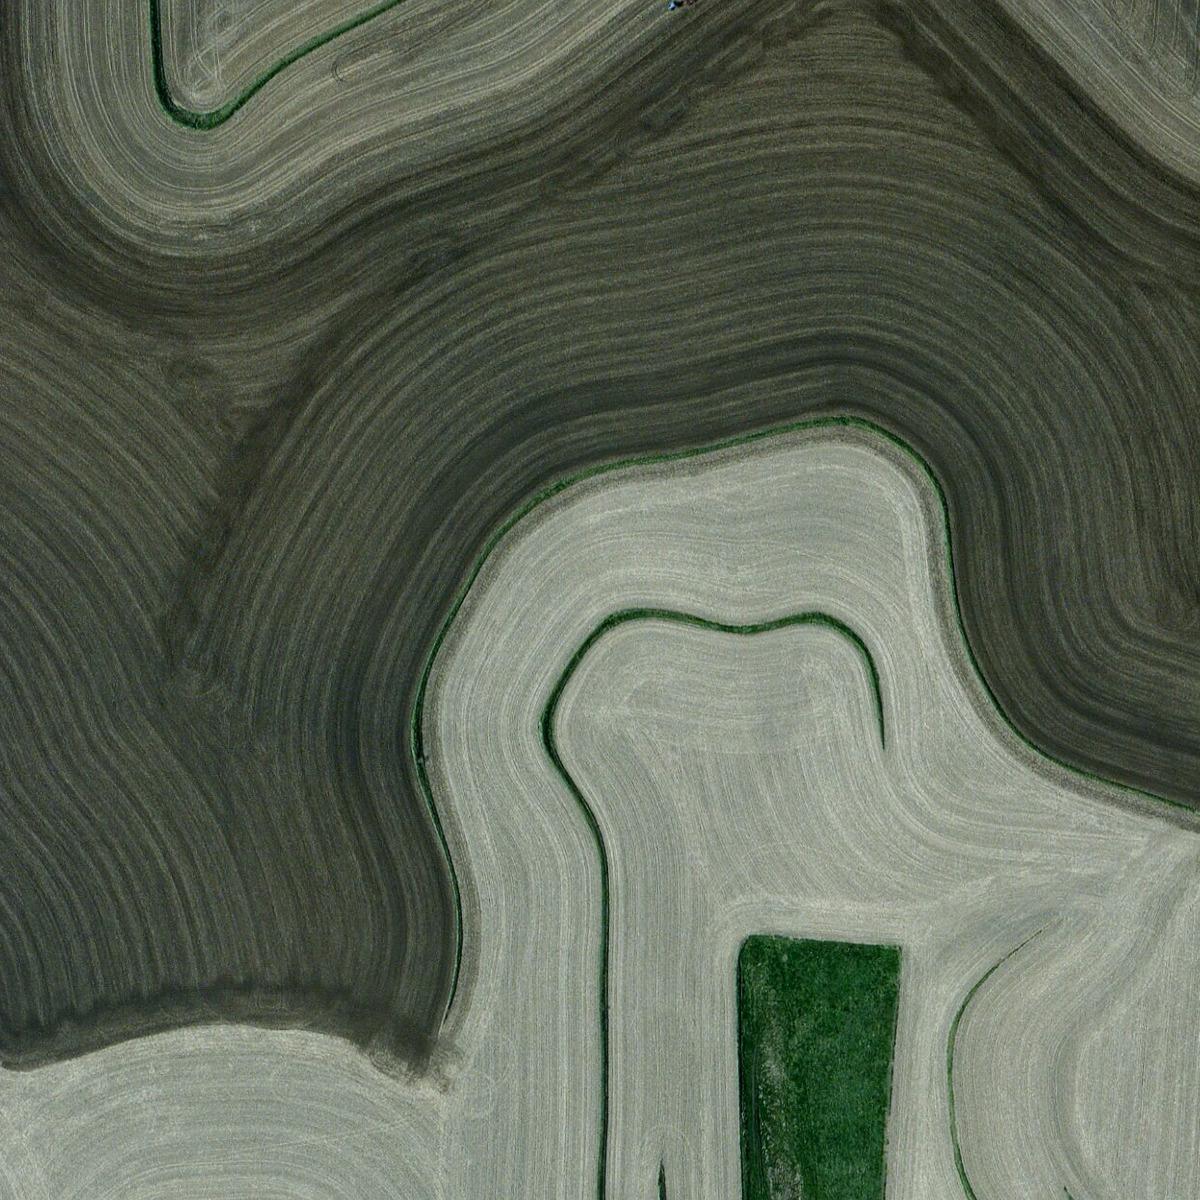 Willow, Iowa, United States 42.581500, -95.692567